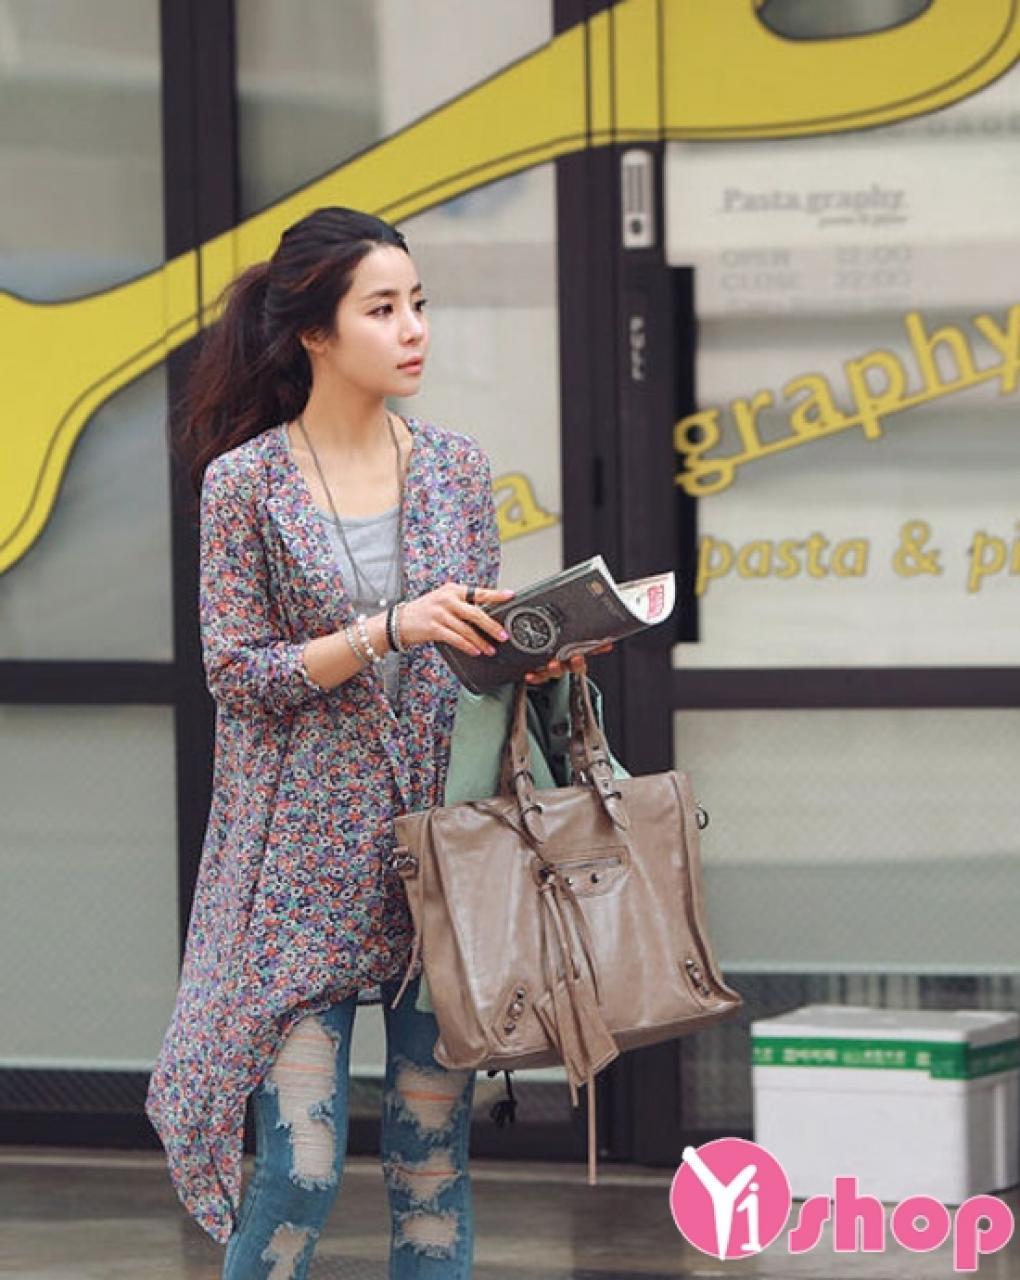 Áo sơ mi nữ lệch tà đẹp hè 2021 - 2022 kiểu Hàn Quốc sành điệu